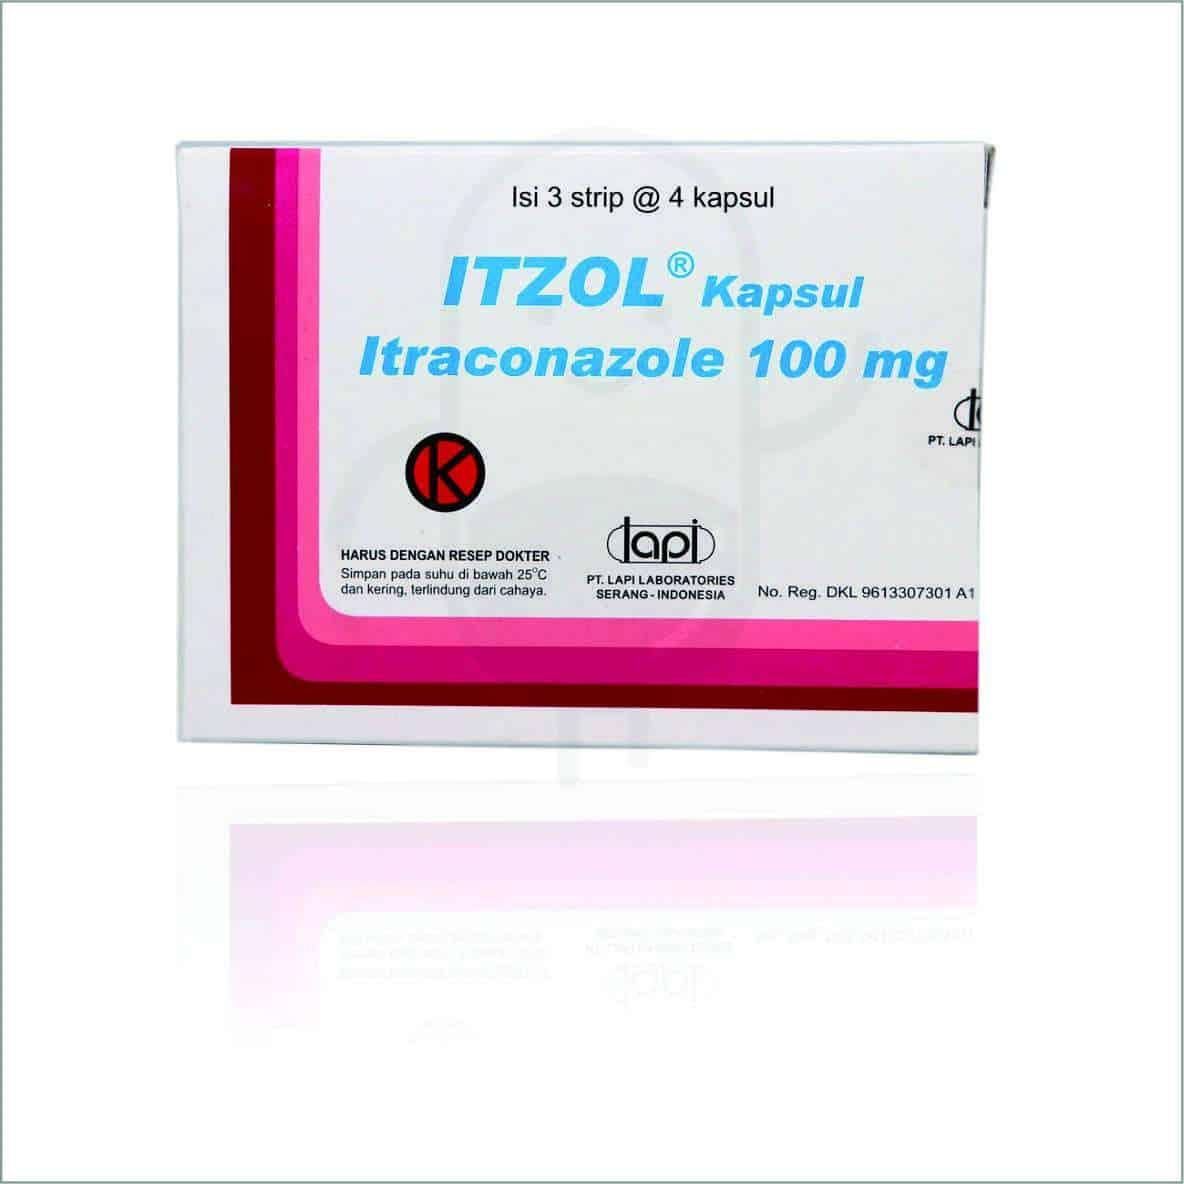 Itzol